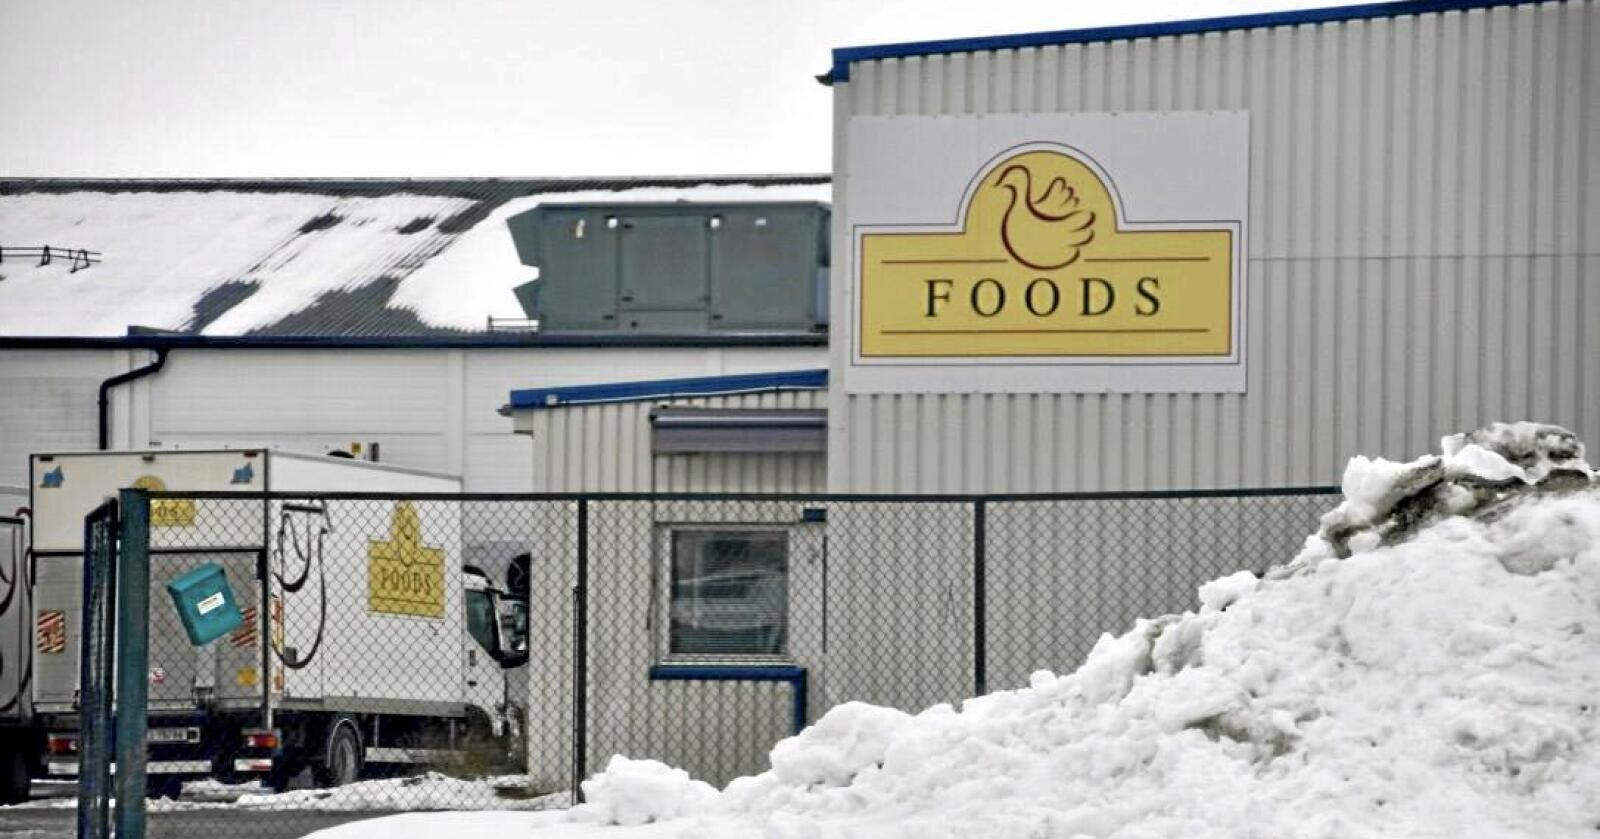 Selskapet Foods AS sier opp ansatte etter leveringsnekt fra Nortura, opplyser selskapet. Foto: Nationen